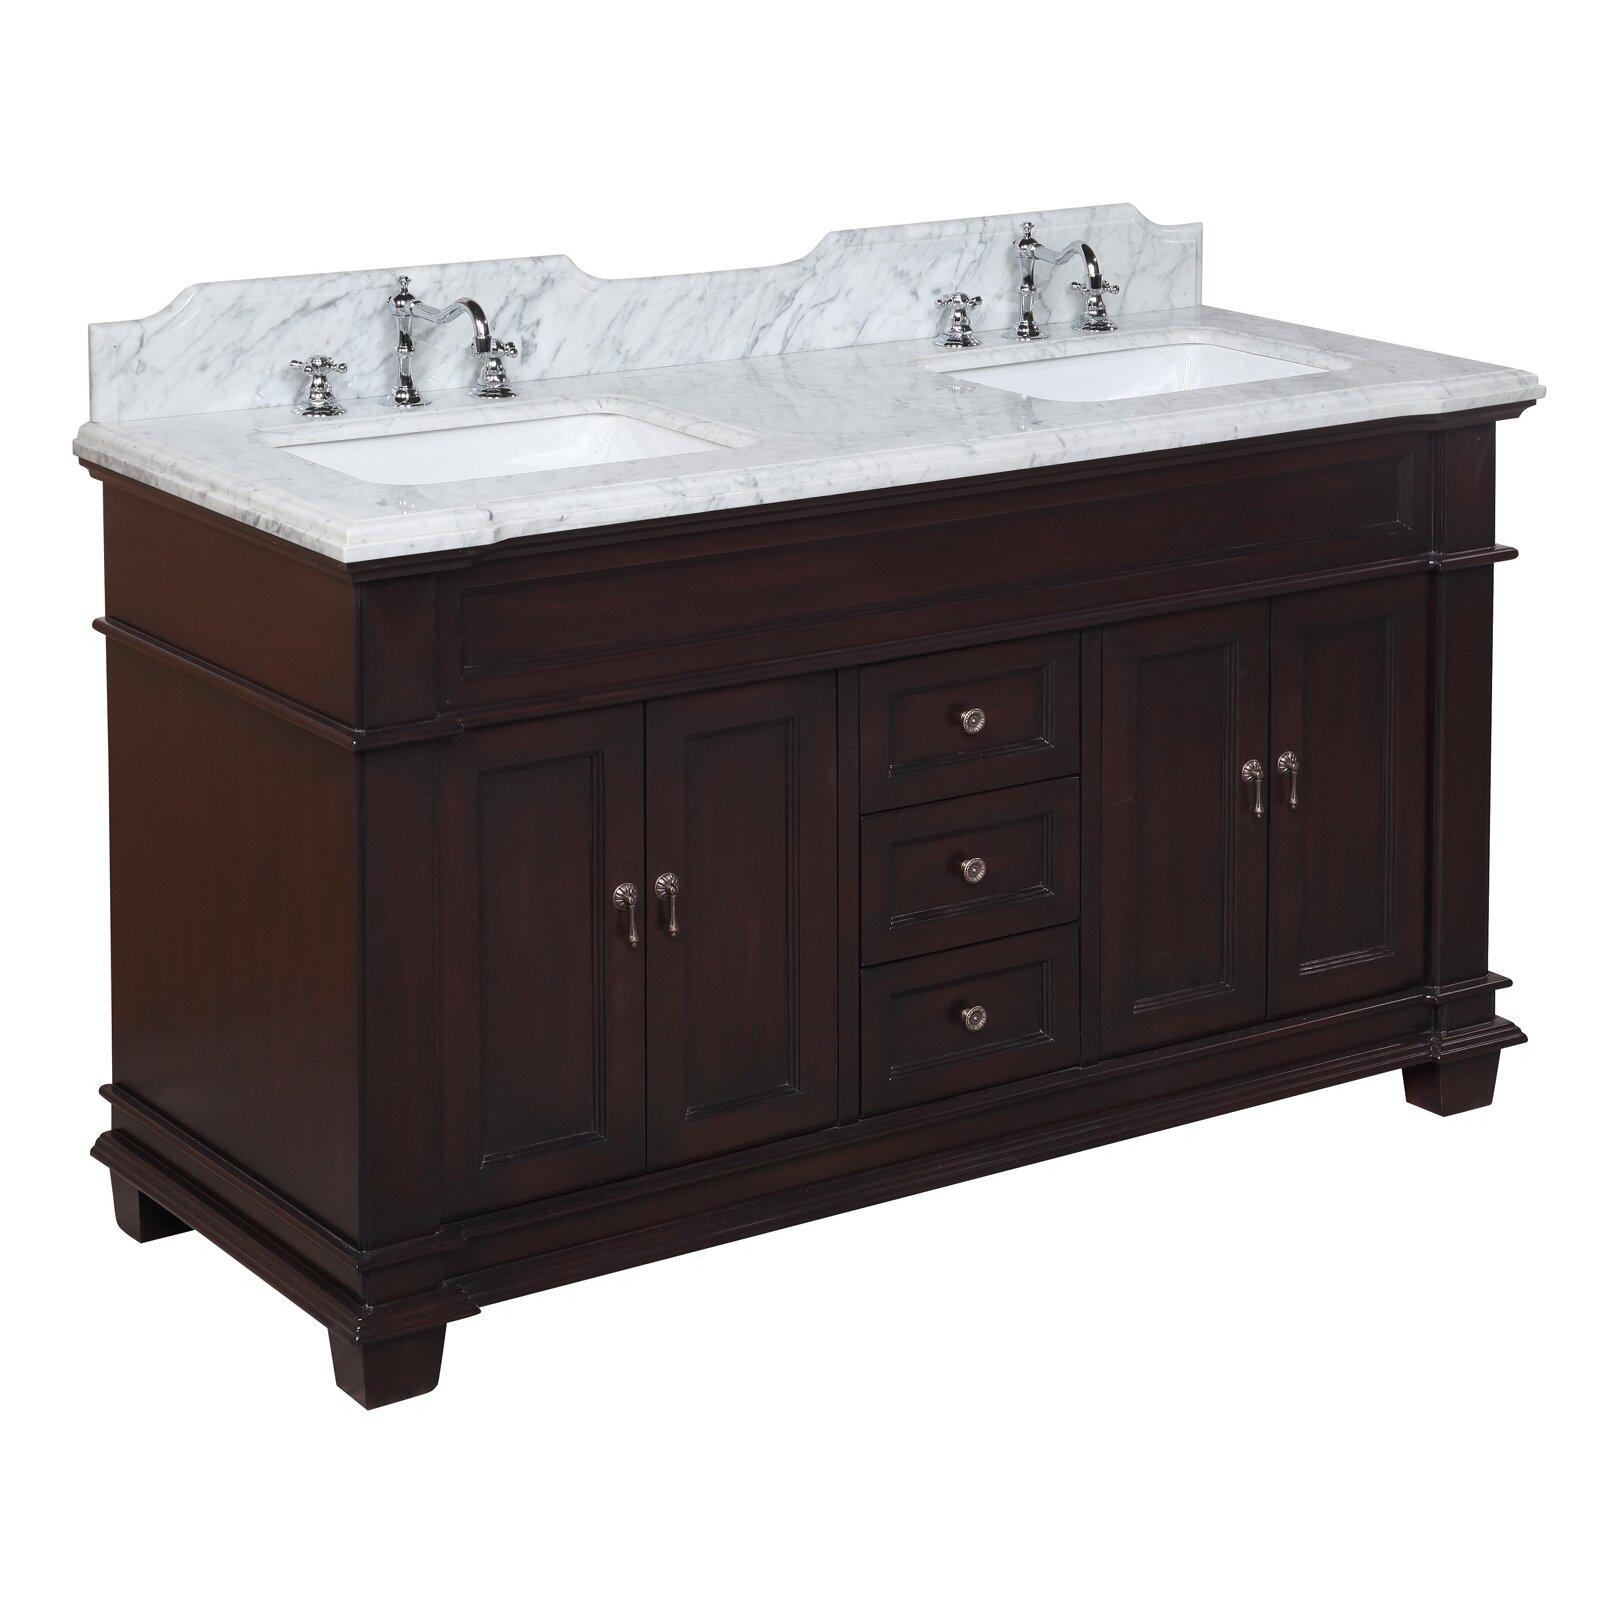 Kbc Elizabeth 60 Double Bathroom Vanity Set Reviews